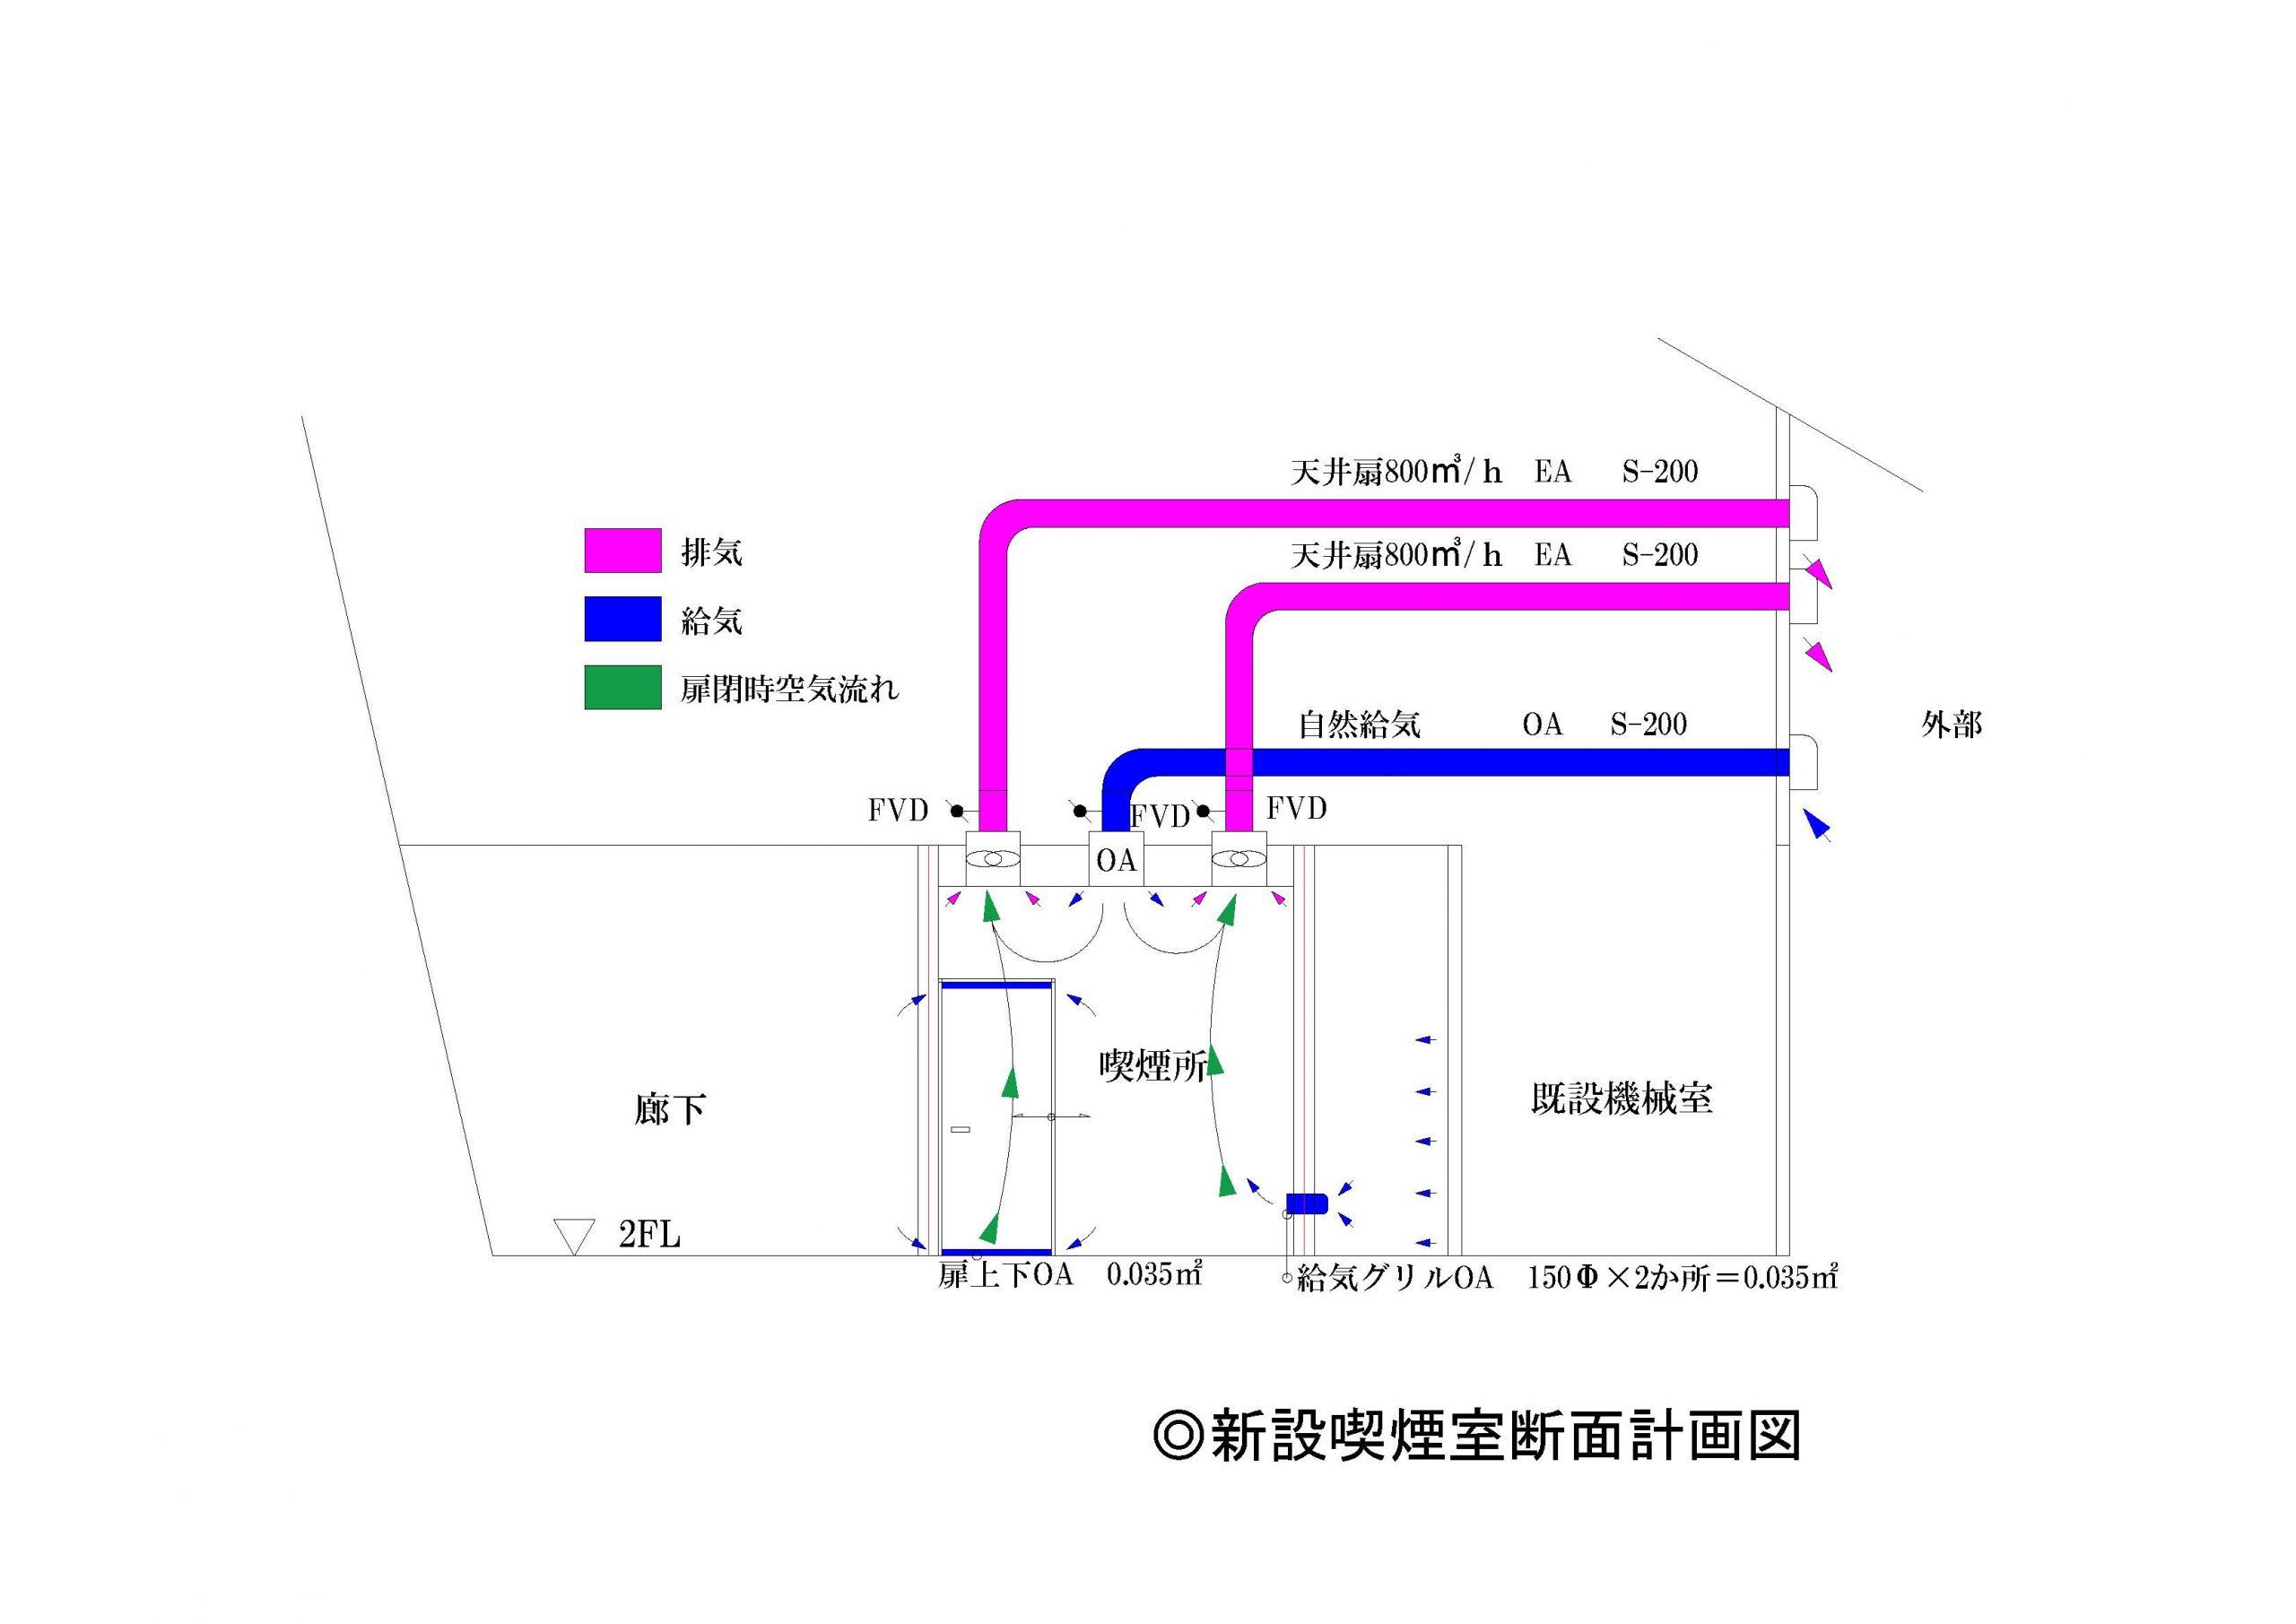 新設喫煙室断面計画図